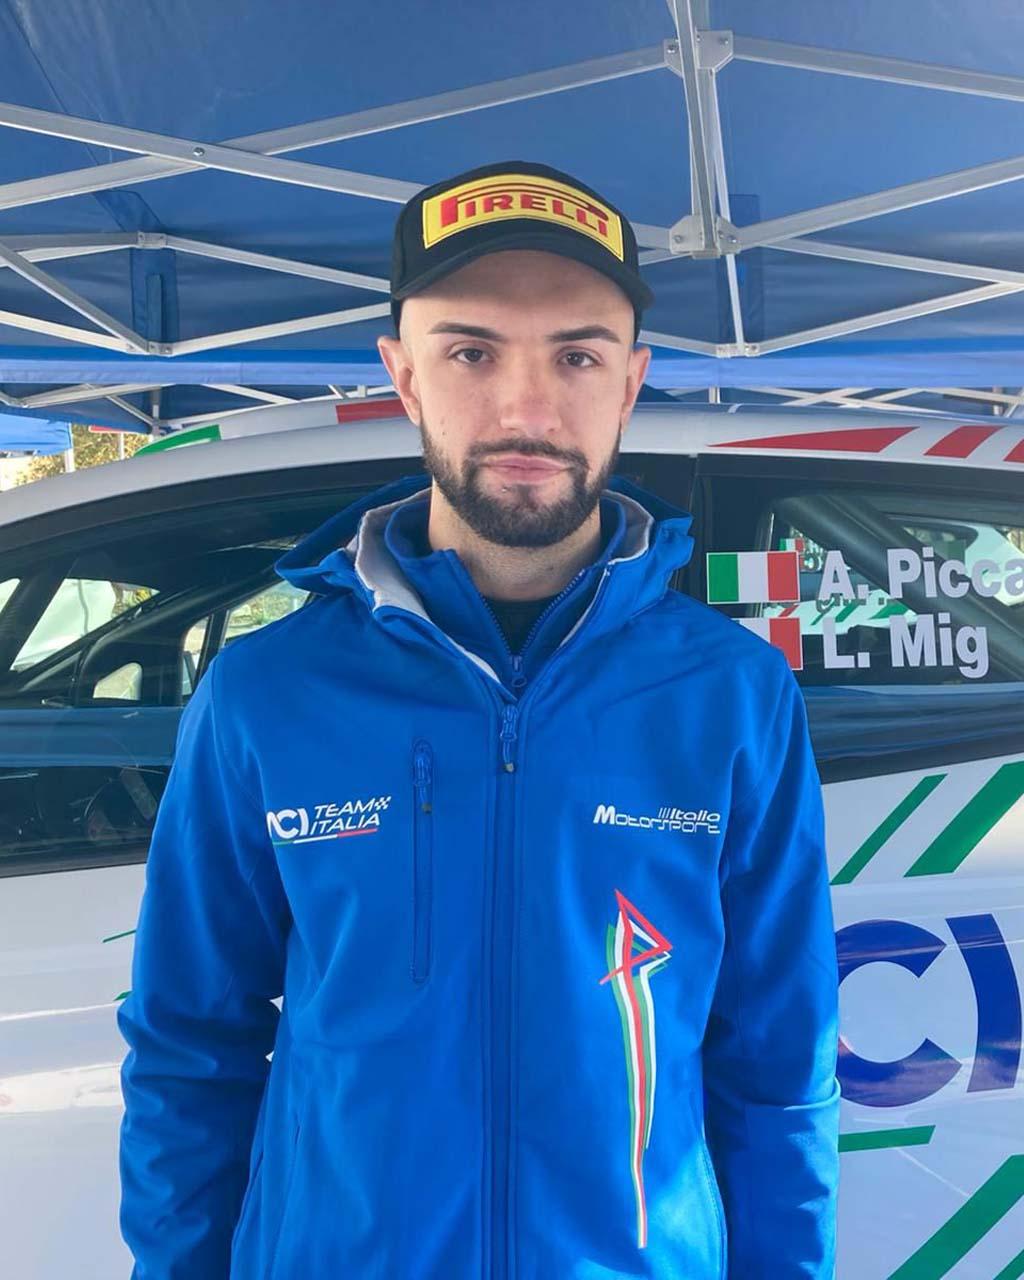 Andrea Piccardo ()